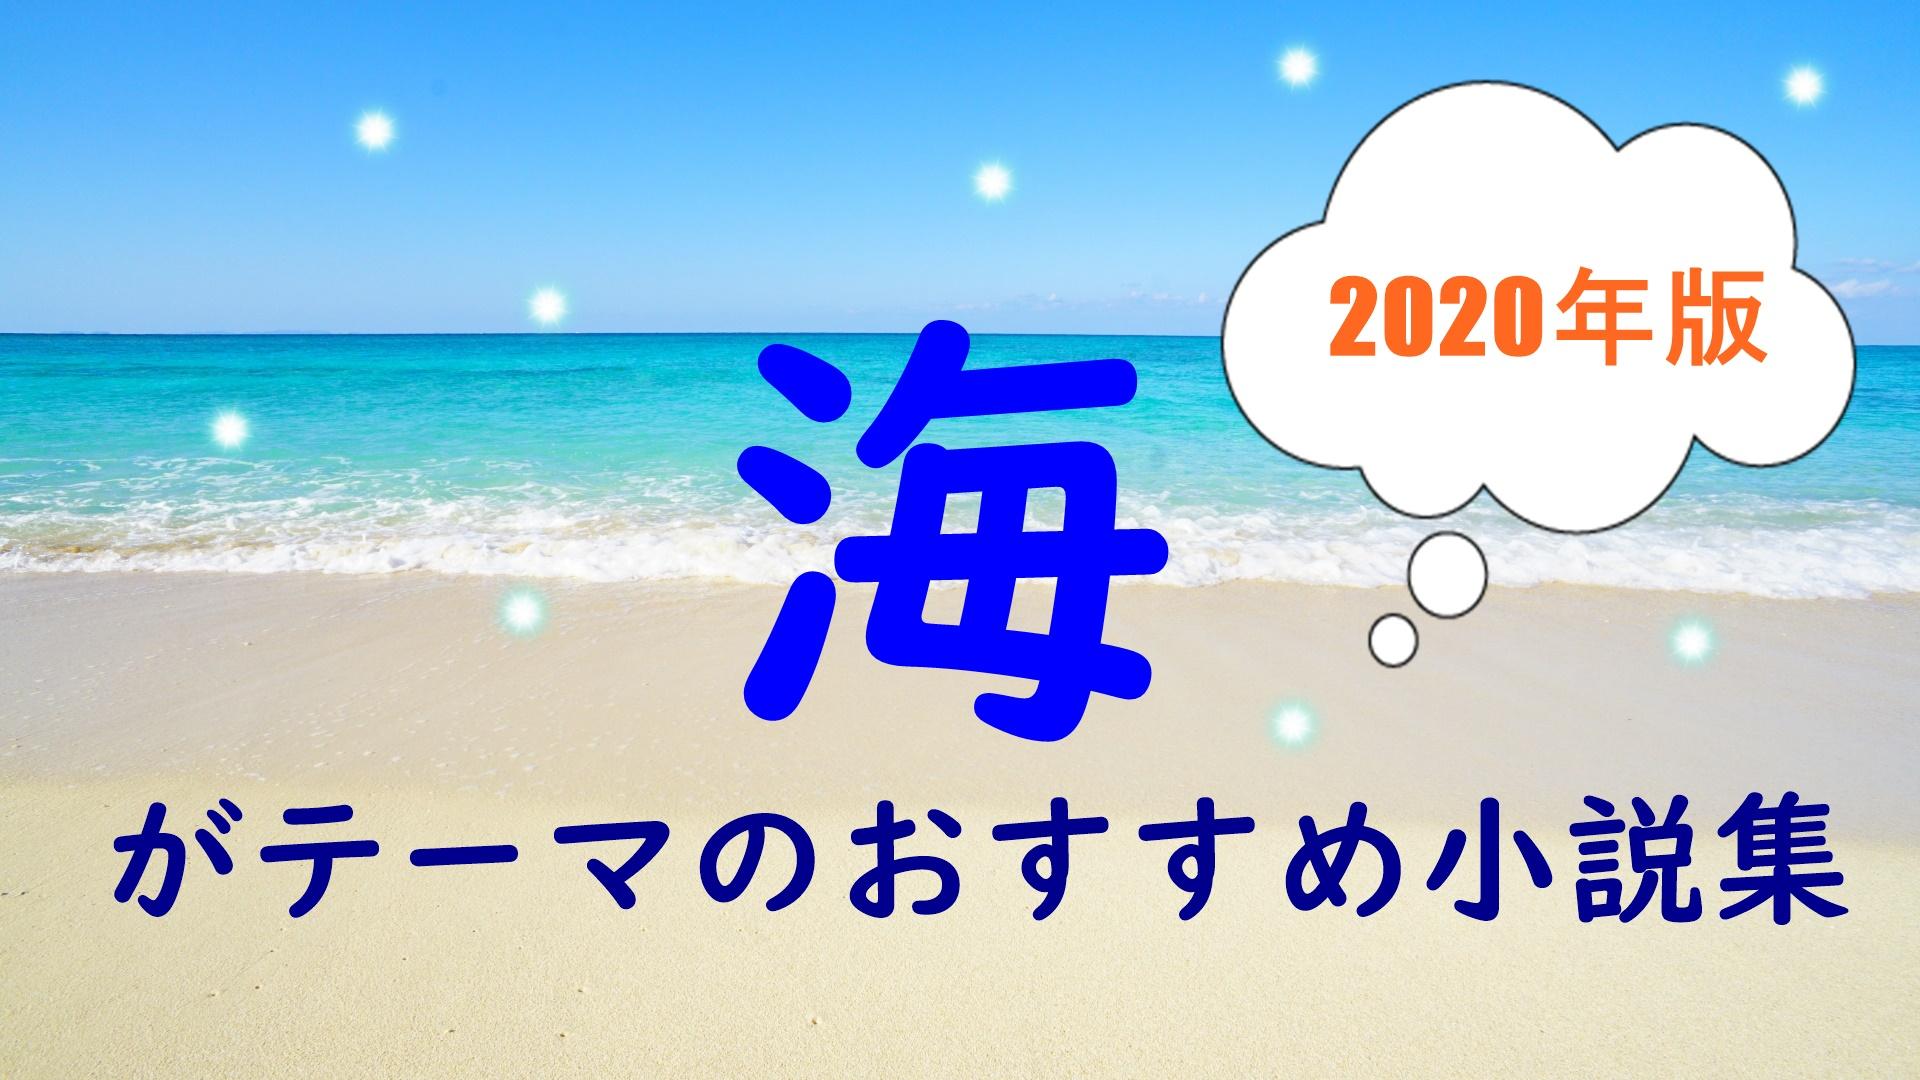 【2020年版】海がテーマの小説おすすめ7選「蒼き波と亜麻色の光に包まれて」